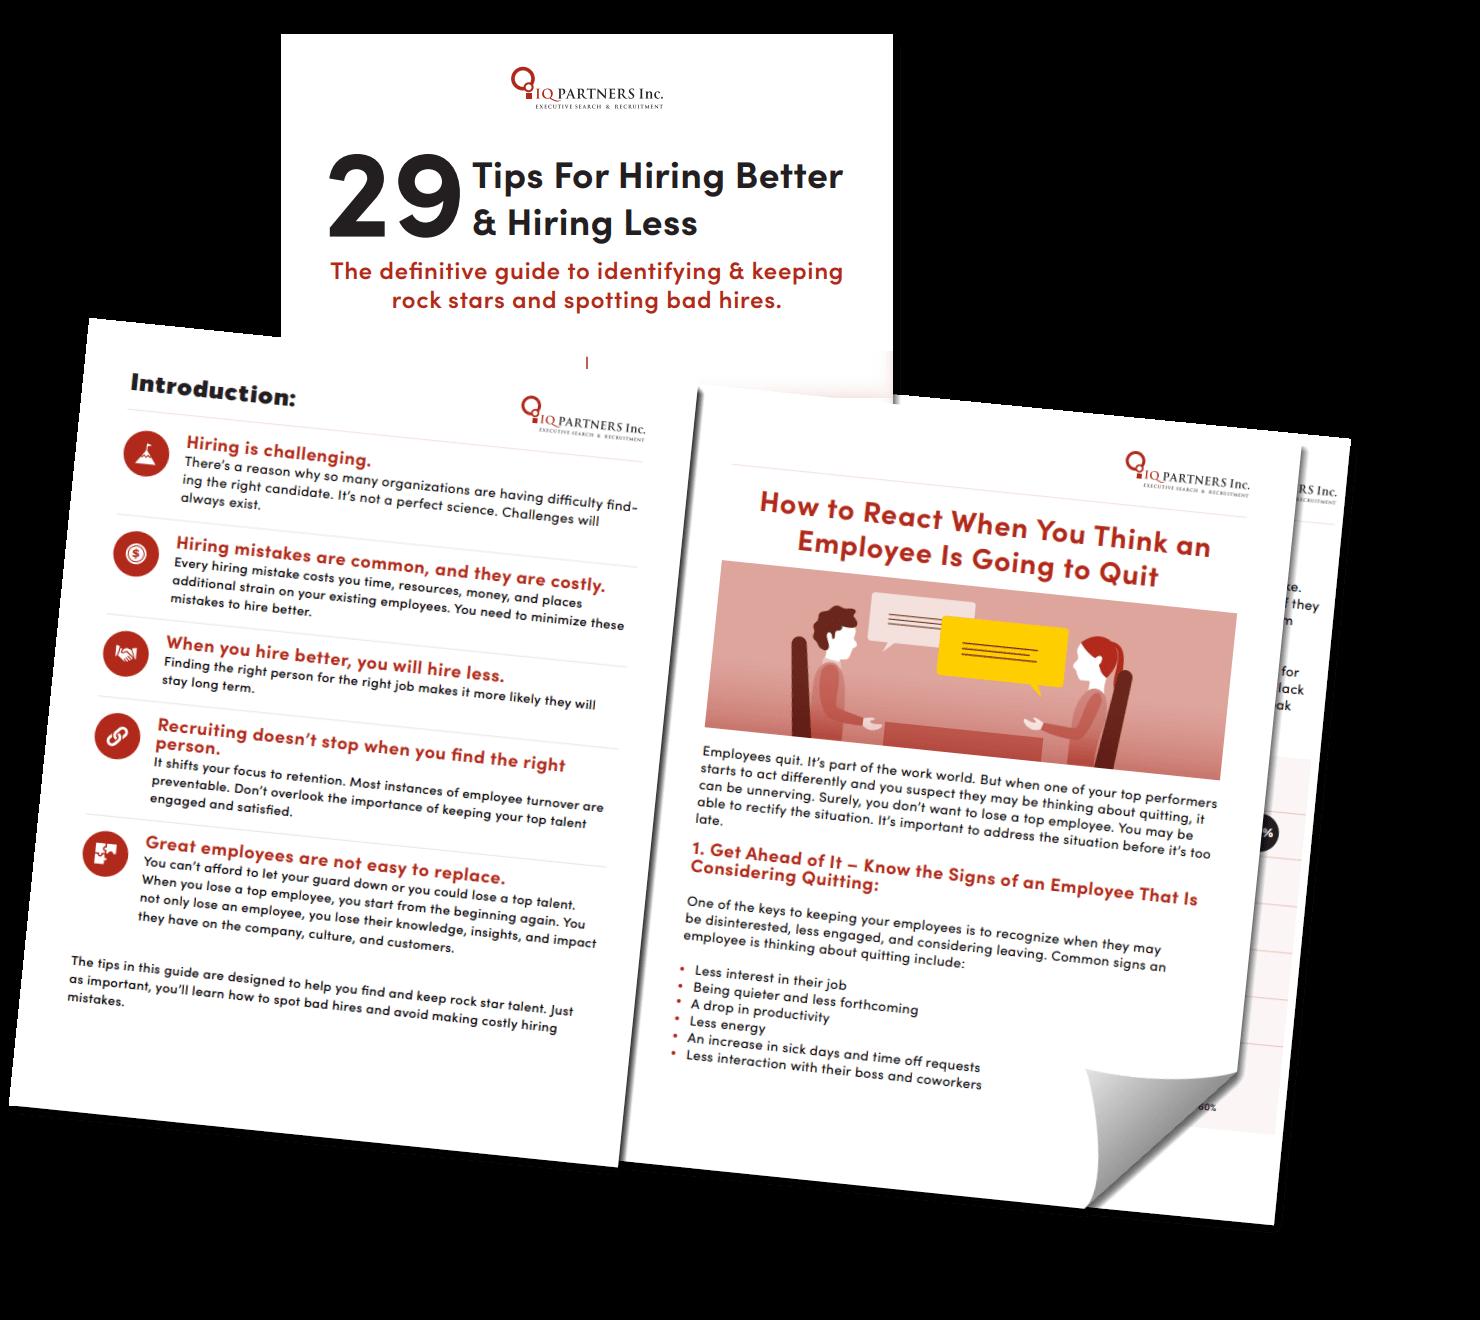 29 Tips For Hiring Better & Hiring Less